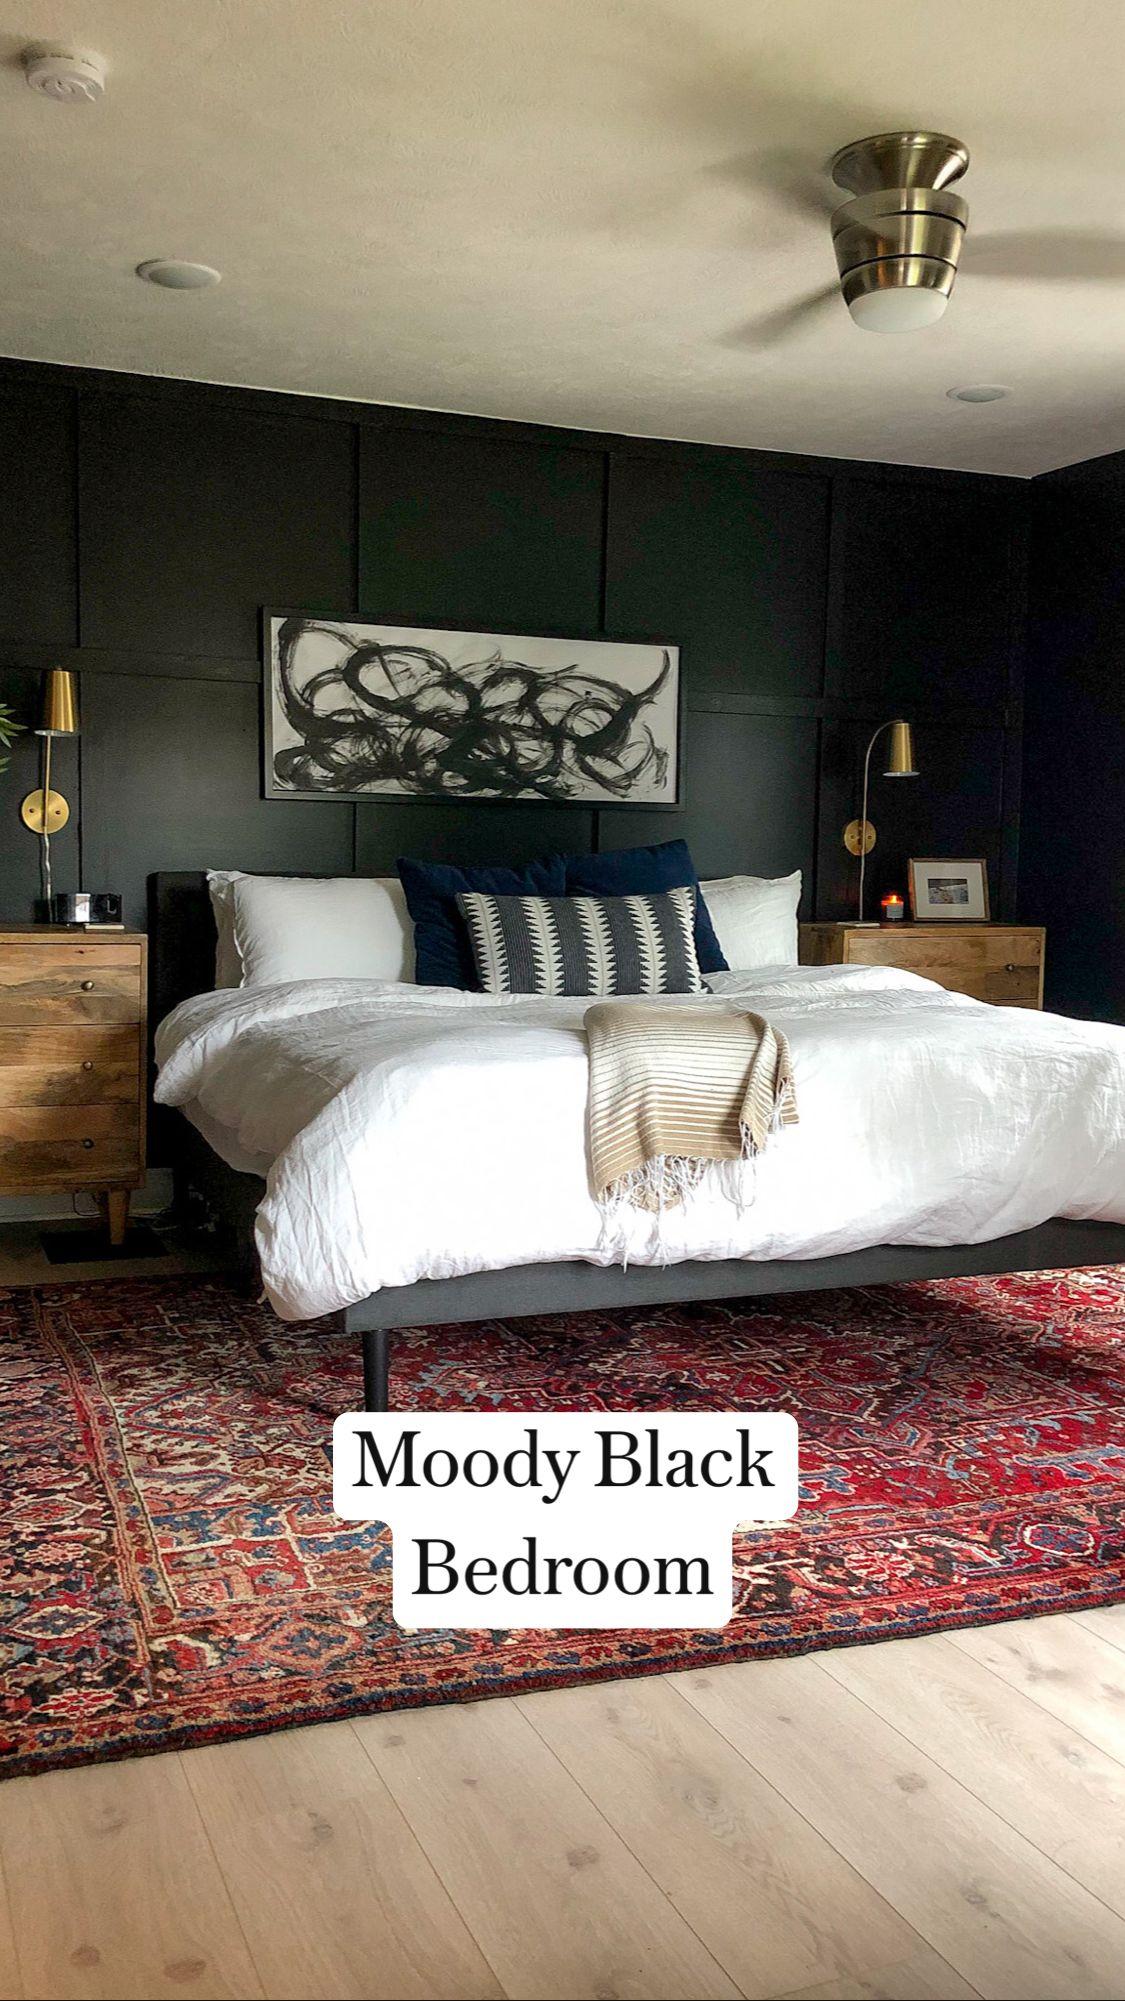 Moody Black Bedroom